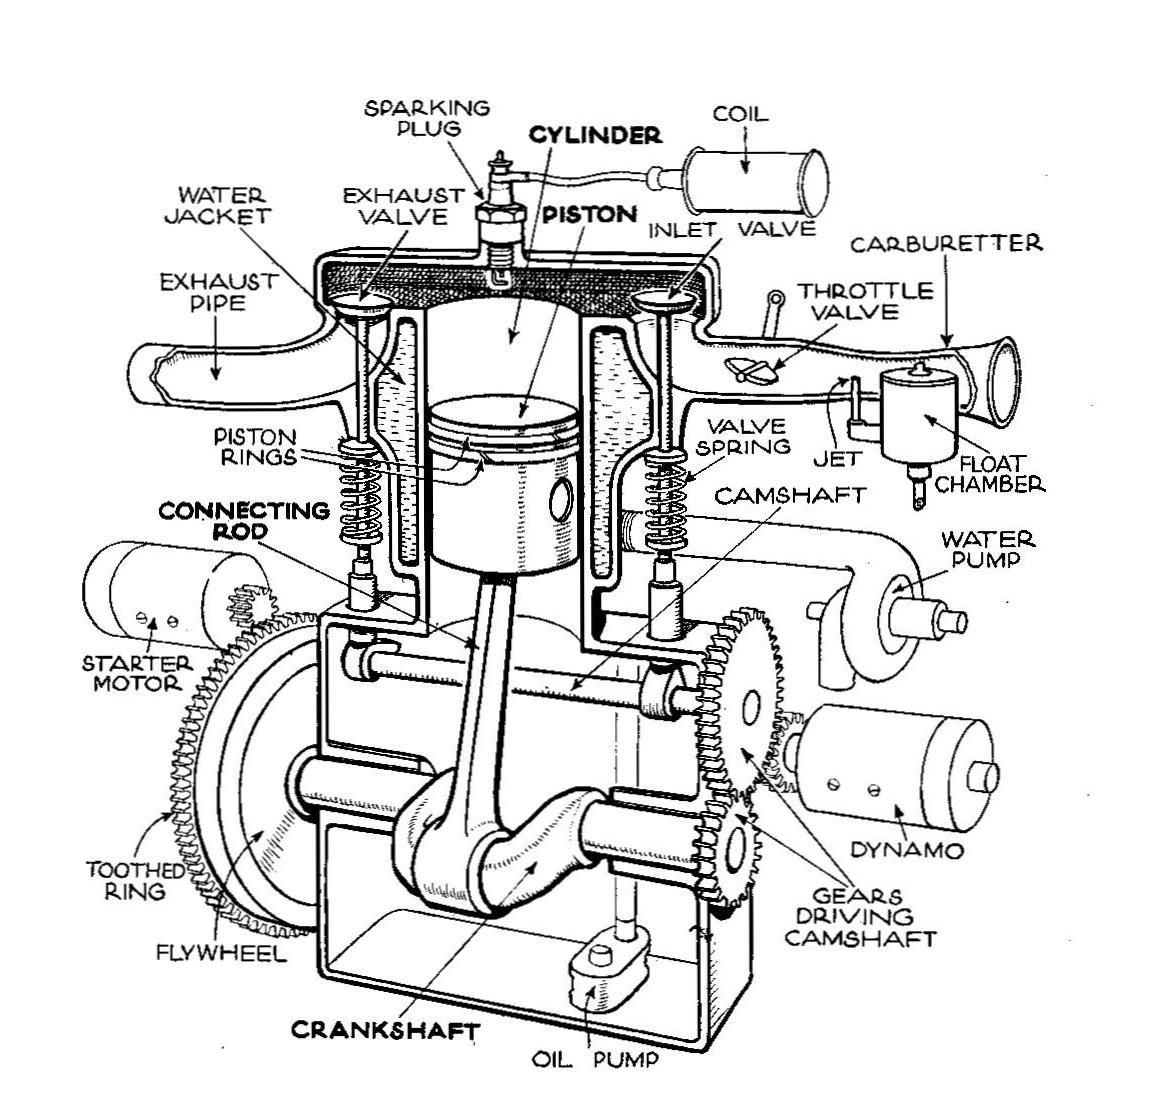 Automotive Wiring Design